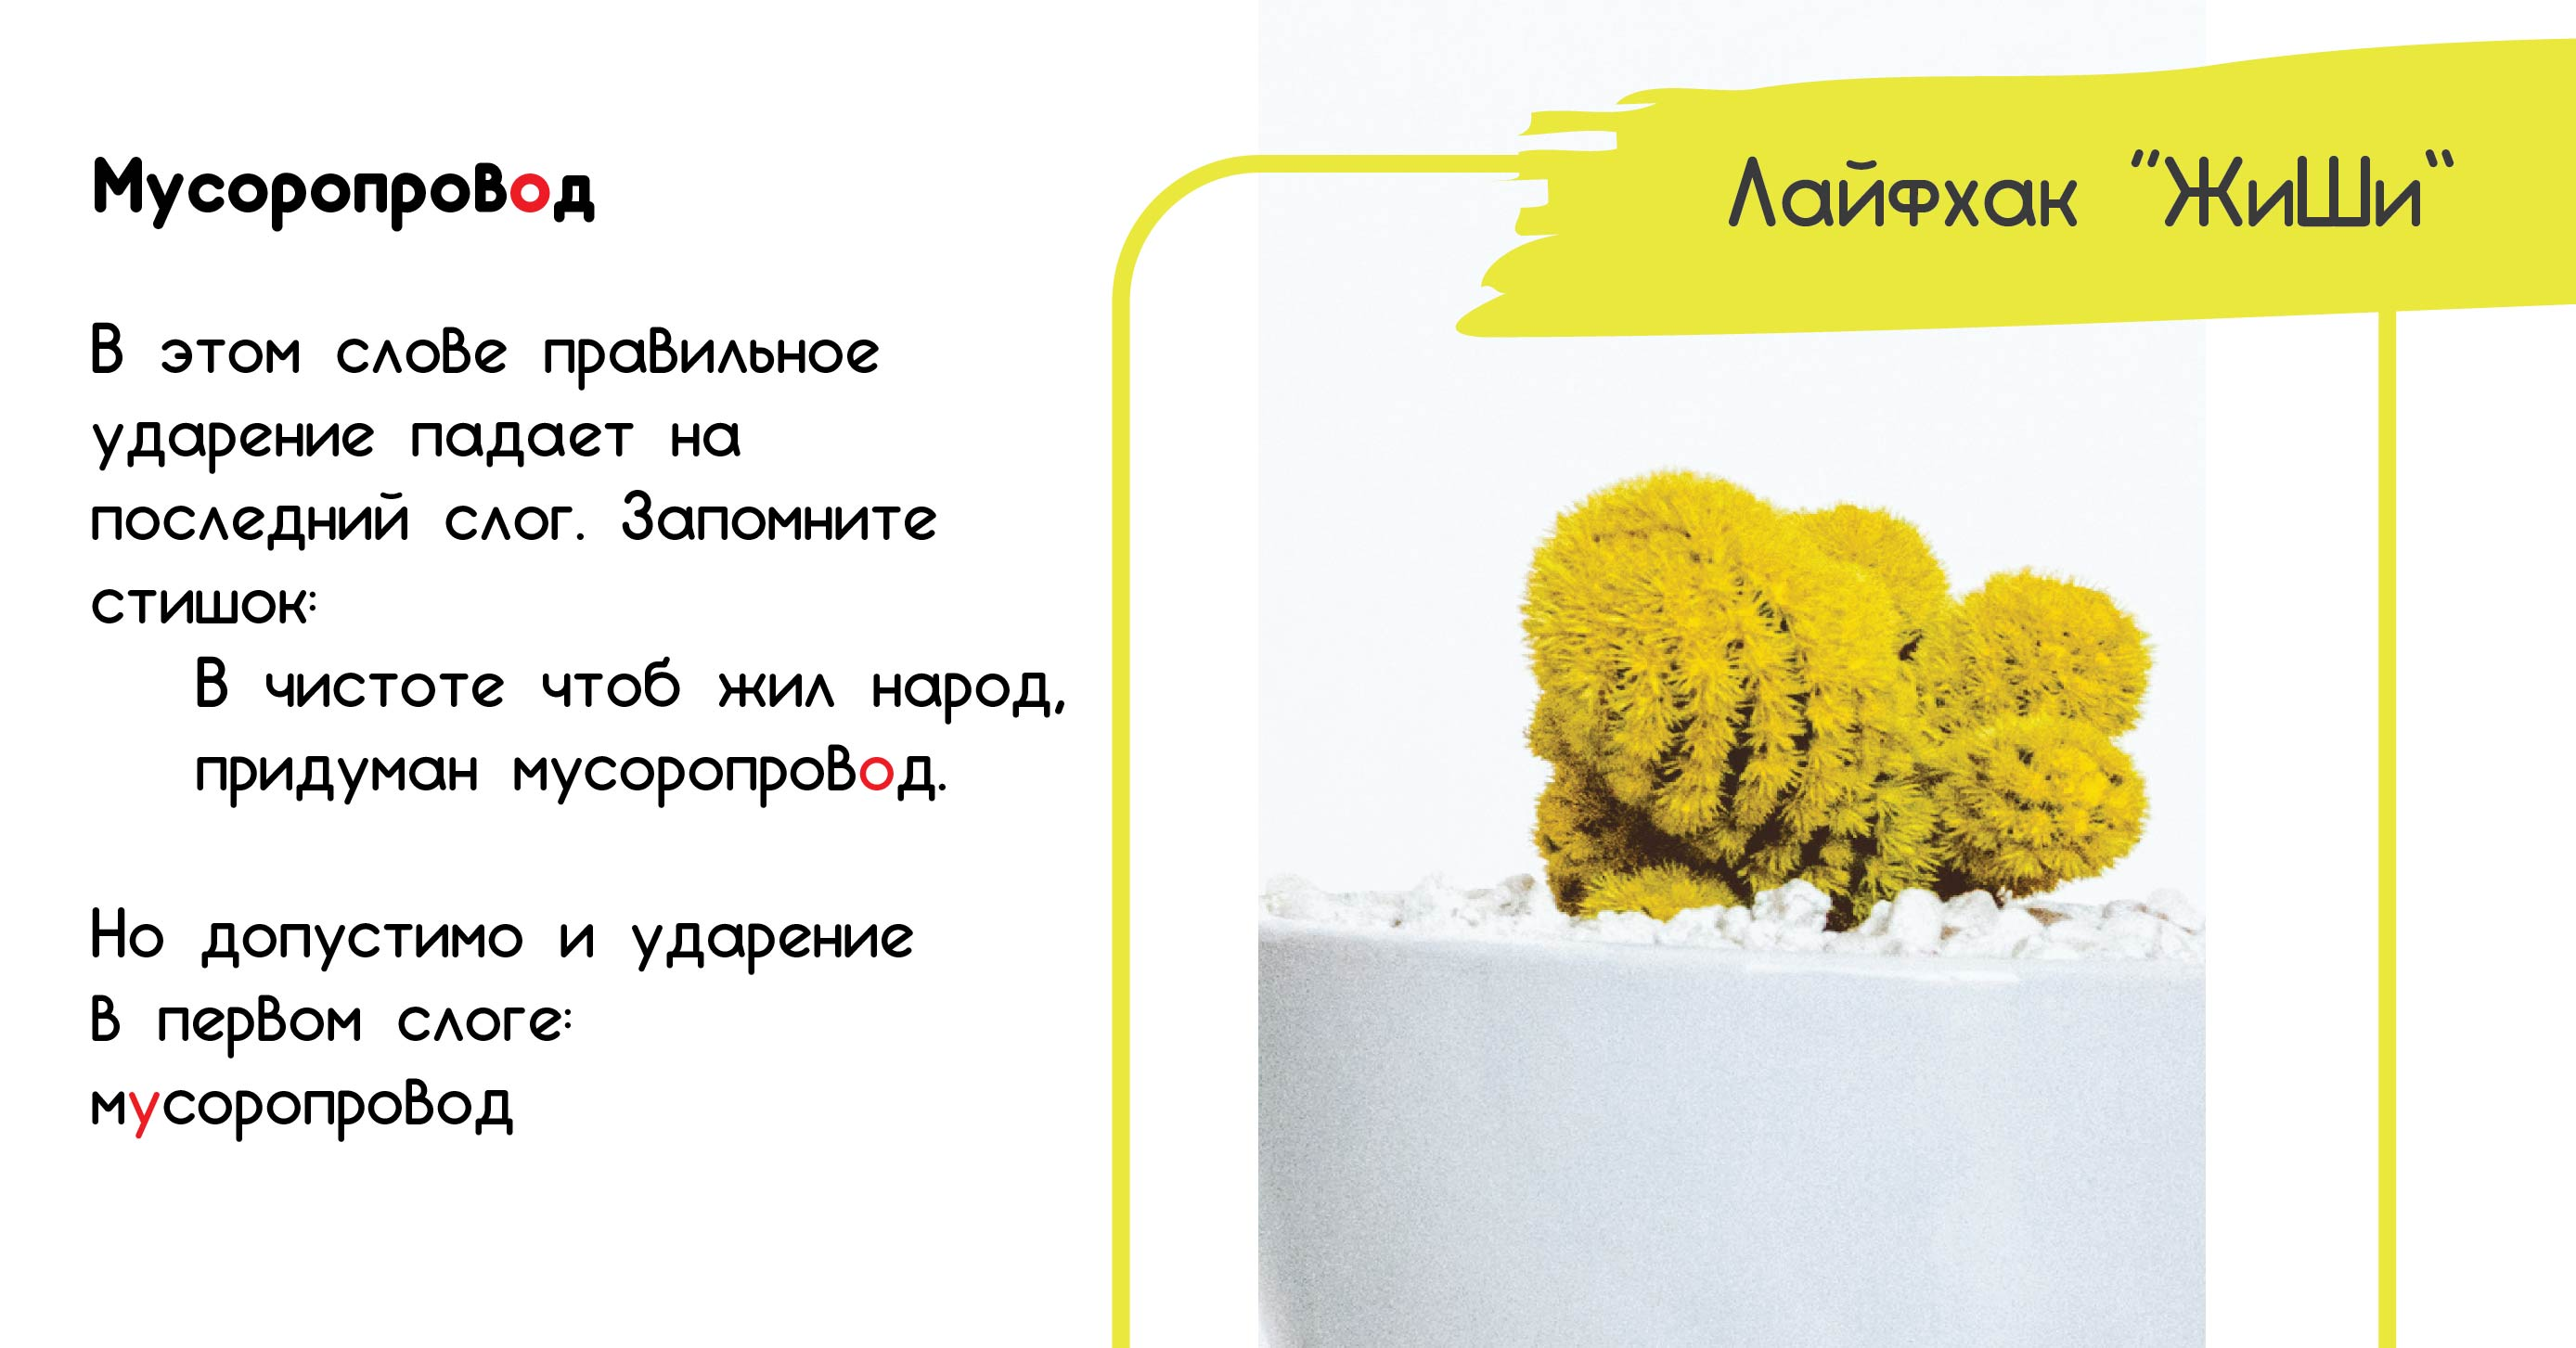 картинка правила русского языка ударение в слове водопровод